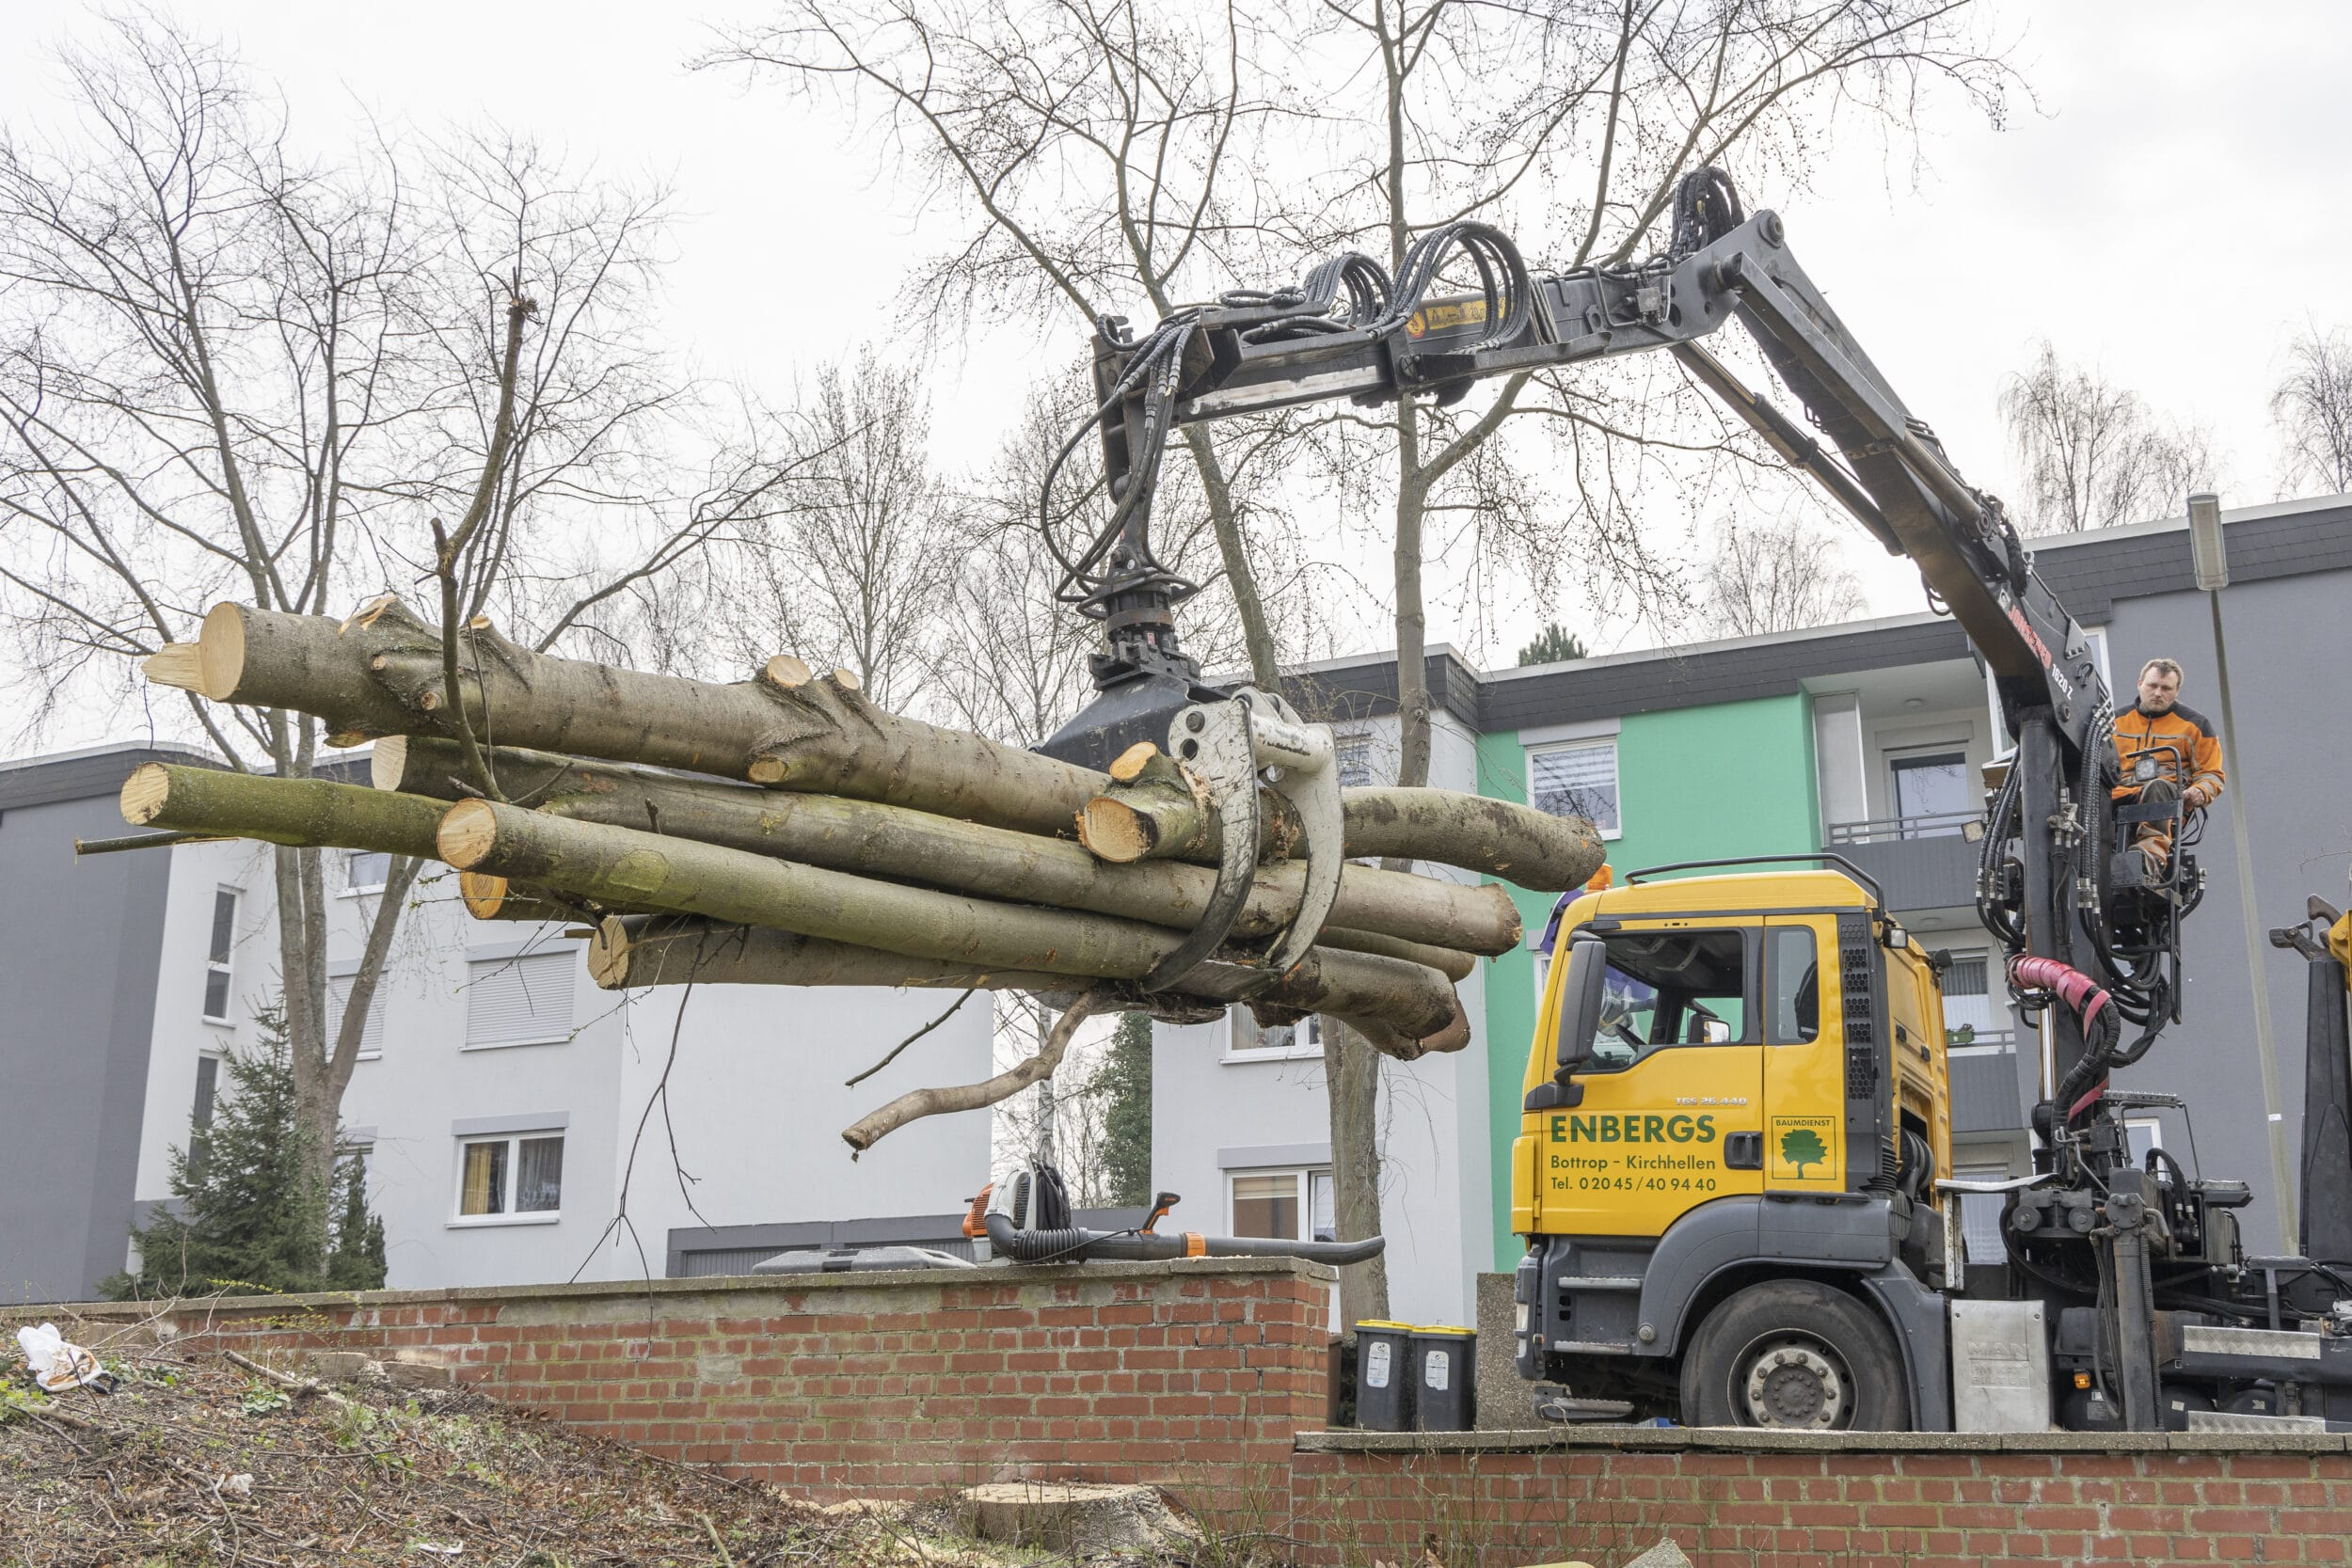 Schweres Gerät ist notwendig, um zahlreiche Bäume an der Artur-Beringer-Straße zu fällen. Die DOGEWO allerdings hat zugesichert, im Laufe der nächsten anderthalb Jahre für großzügige Ersatzpflanzungen zu sorgen. (Fotos: Wir in Dortmund)